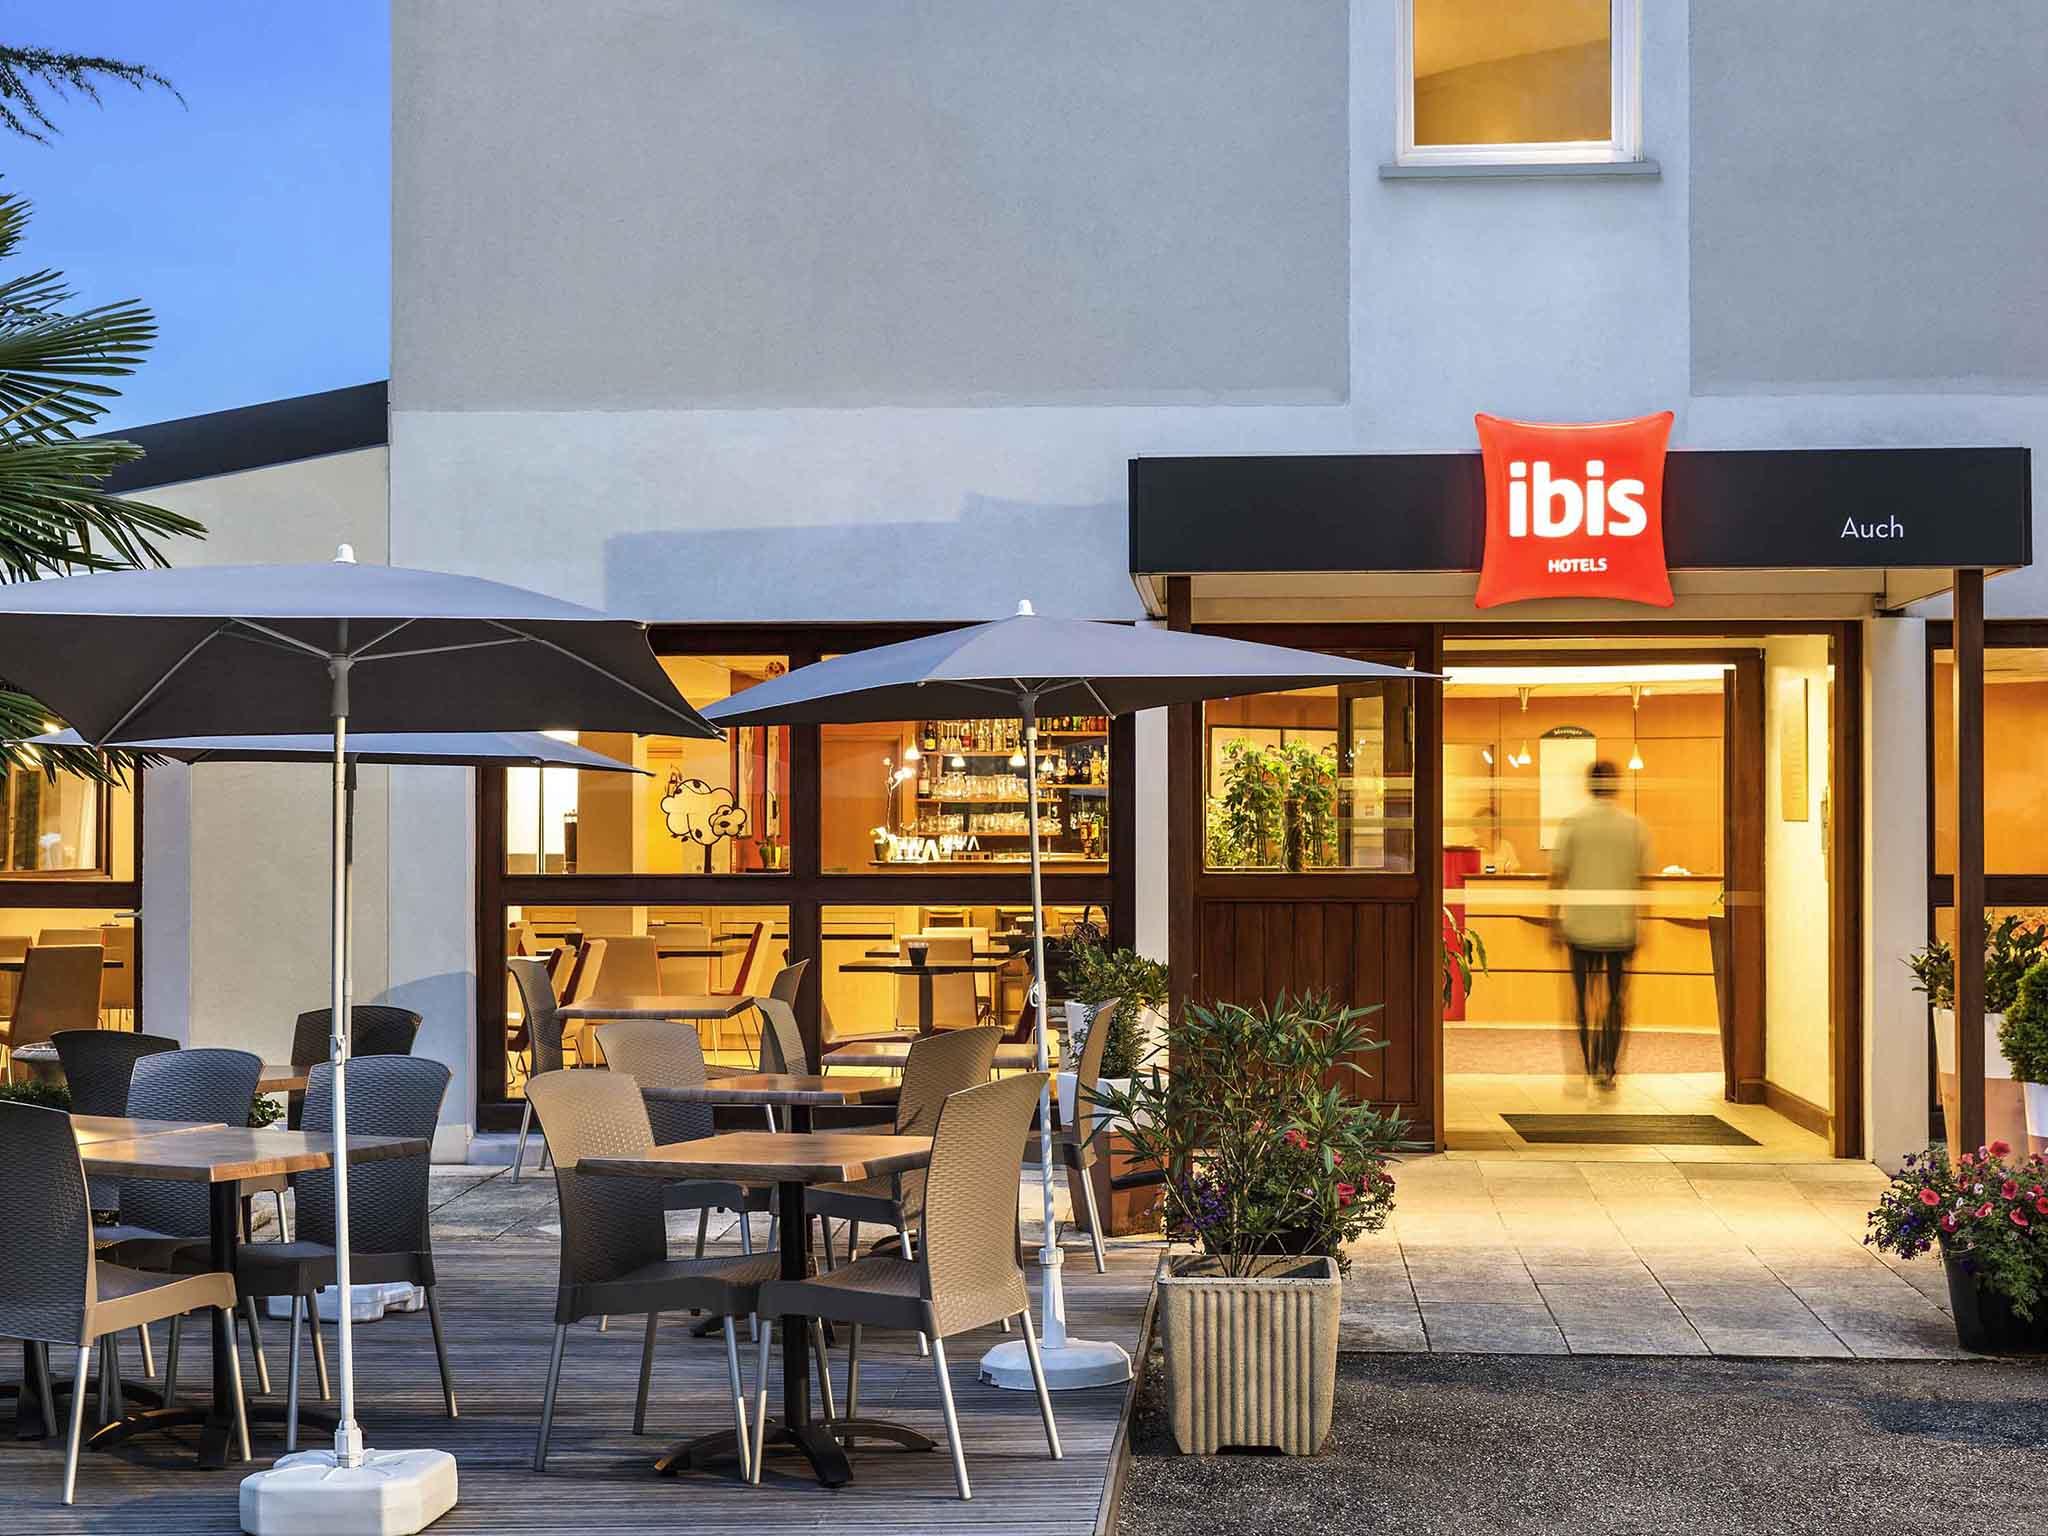 Hotell – ibis Auch